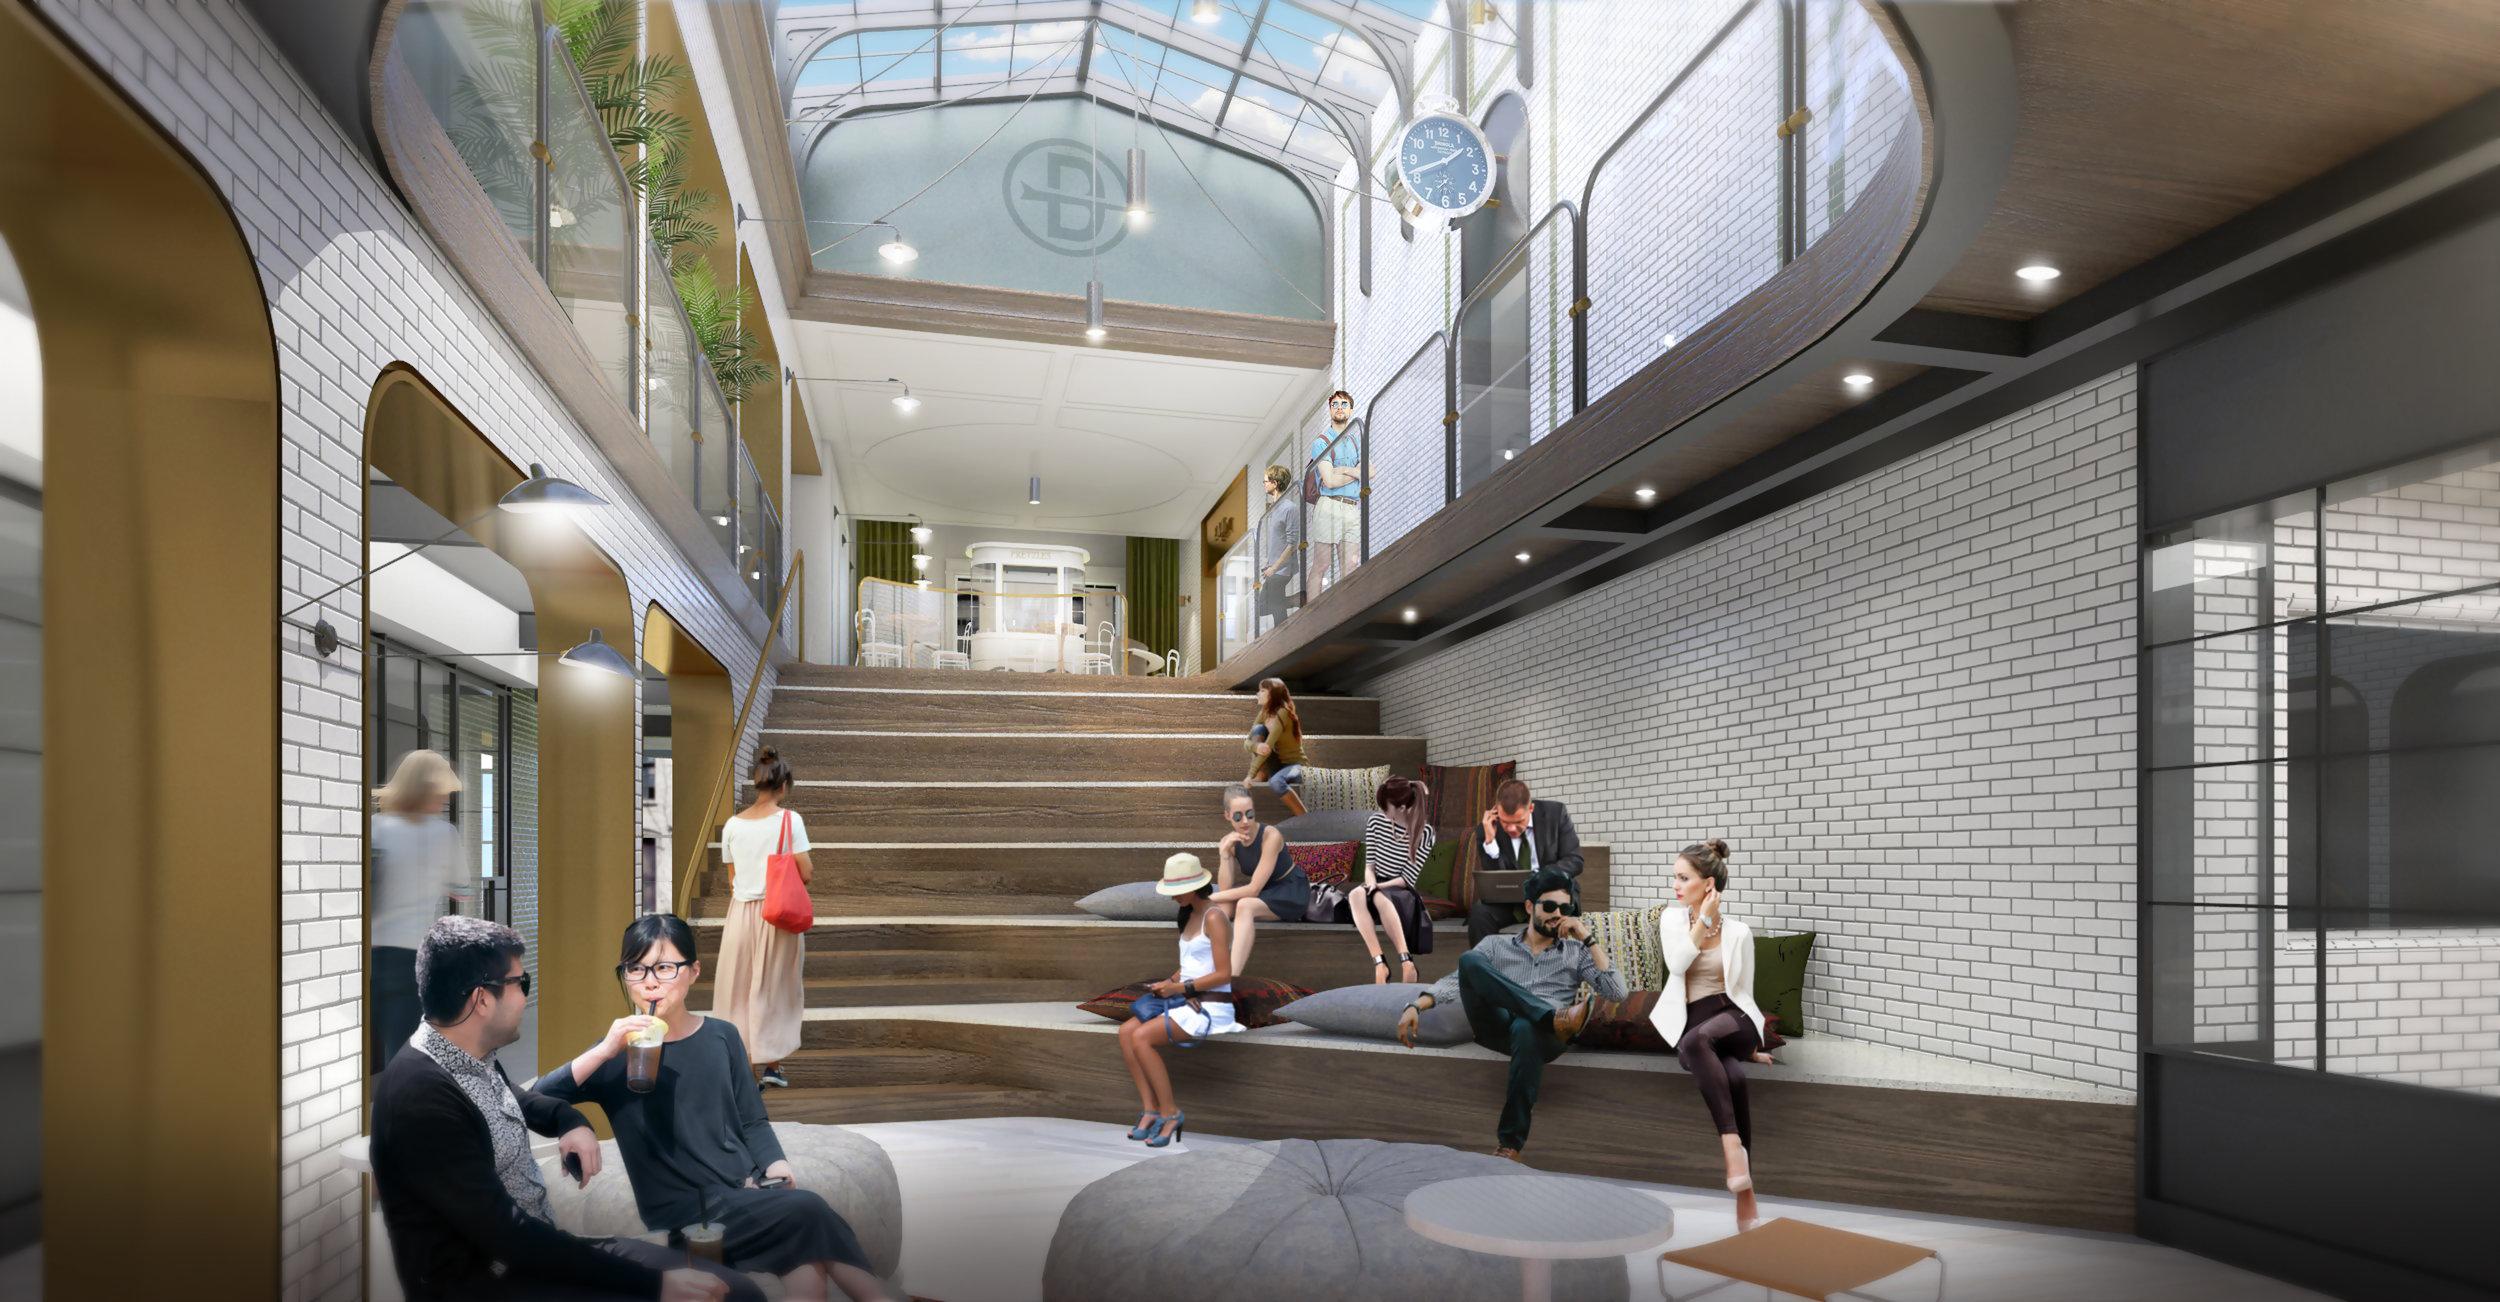 Interior_StairFl3.jpg